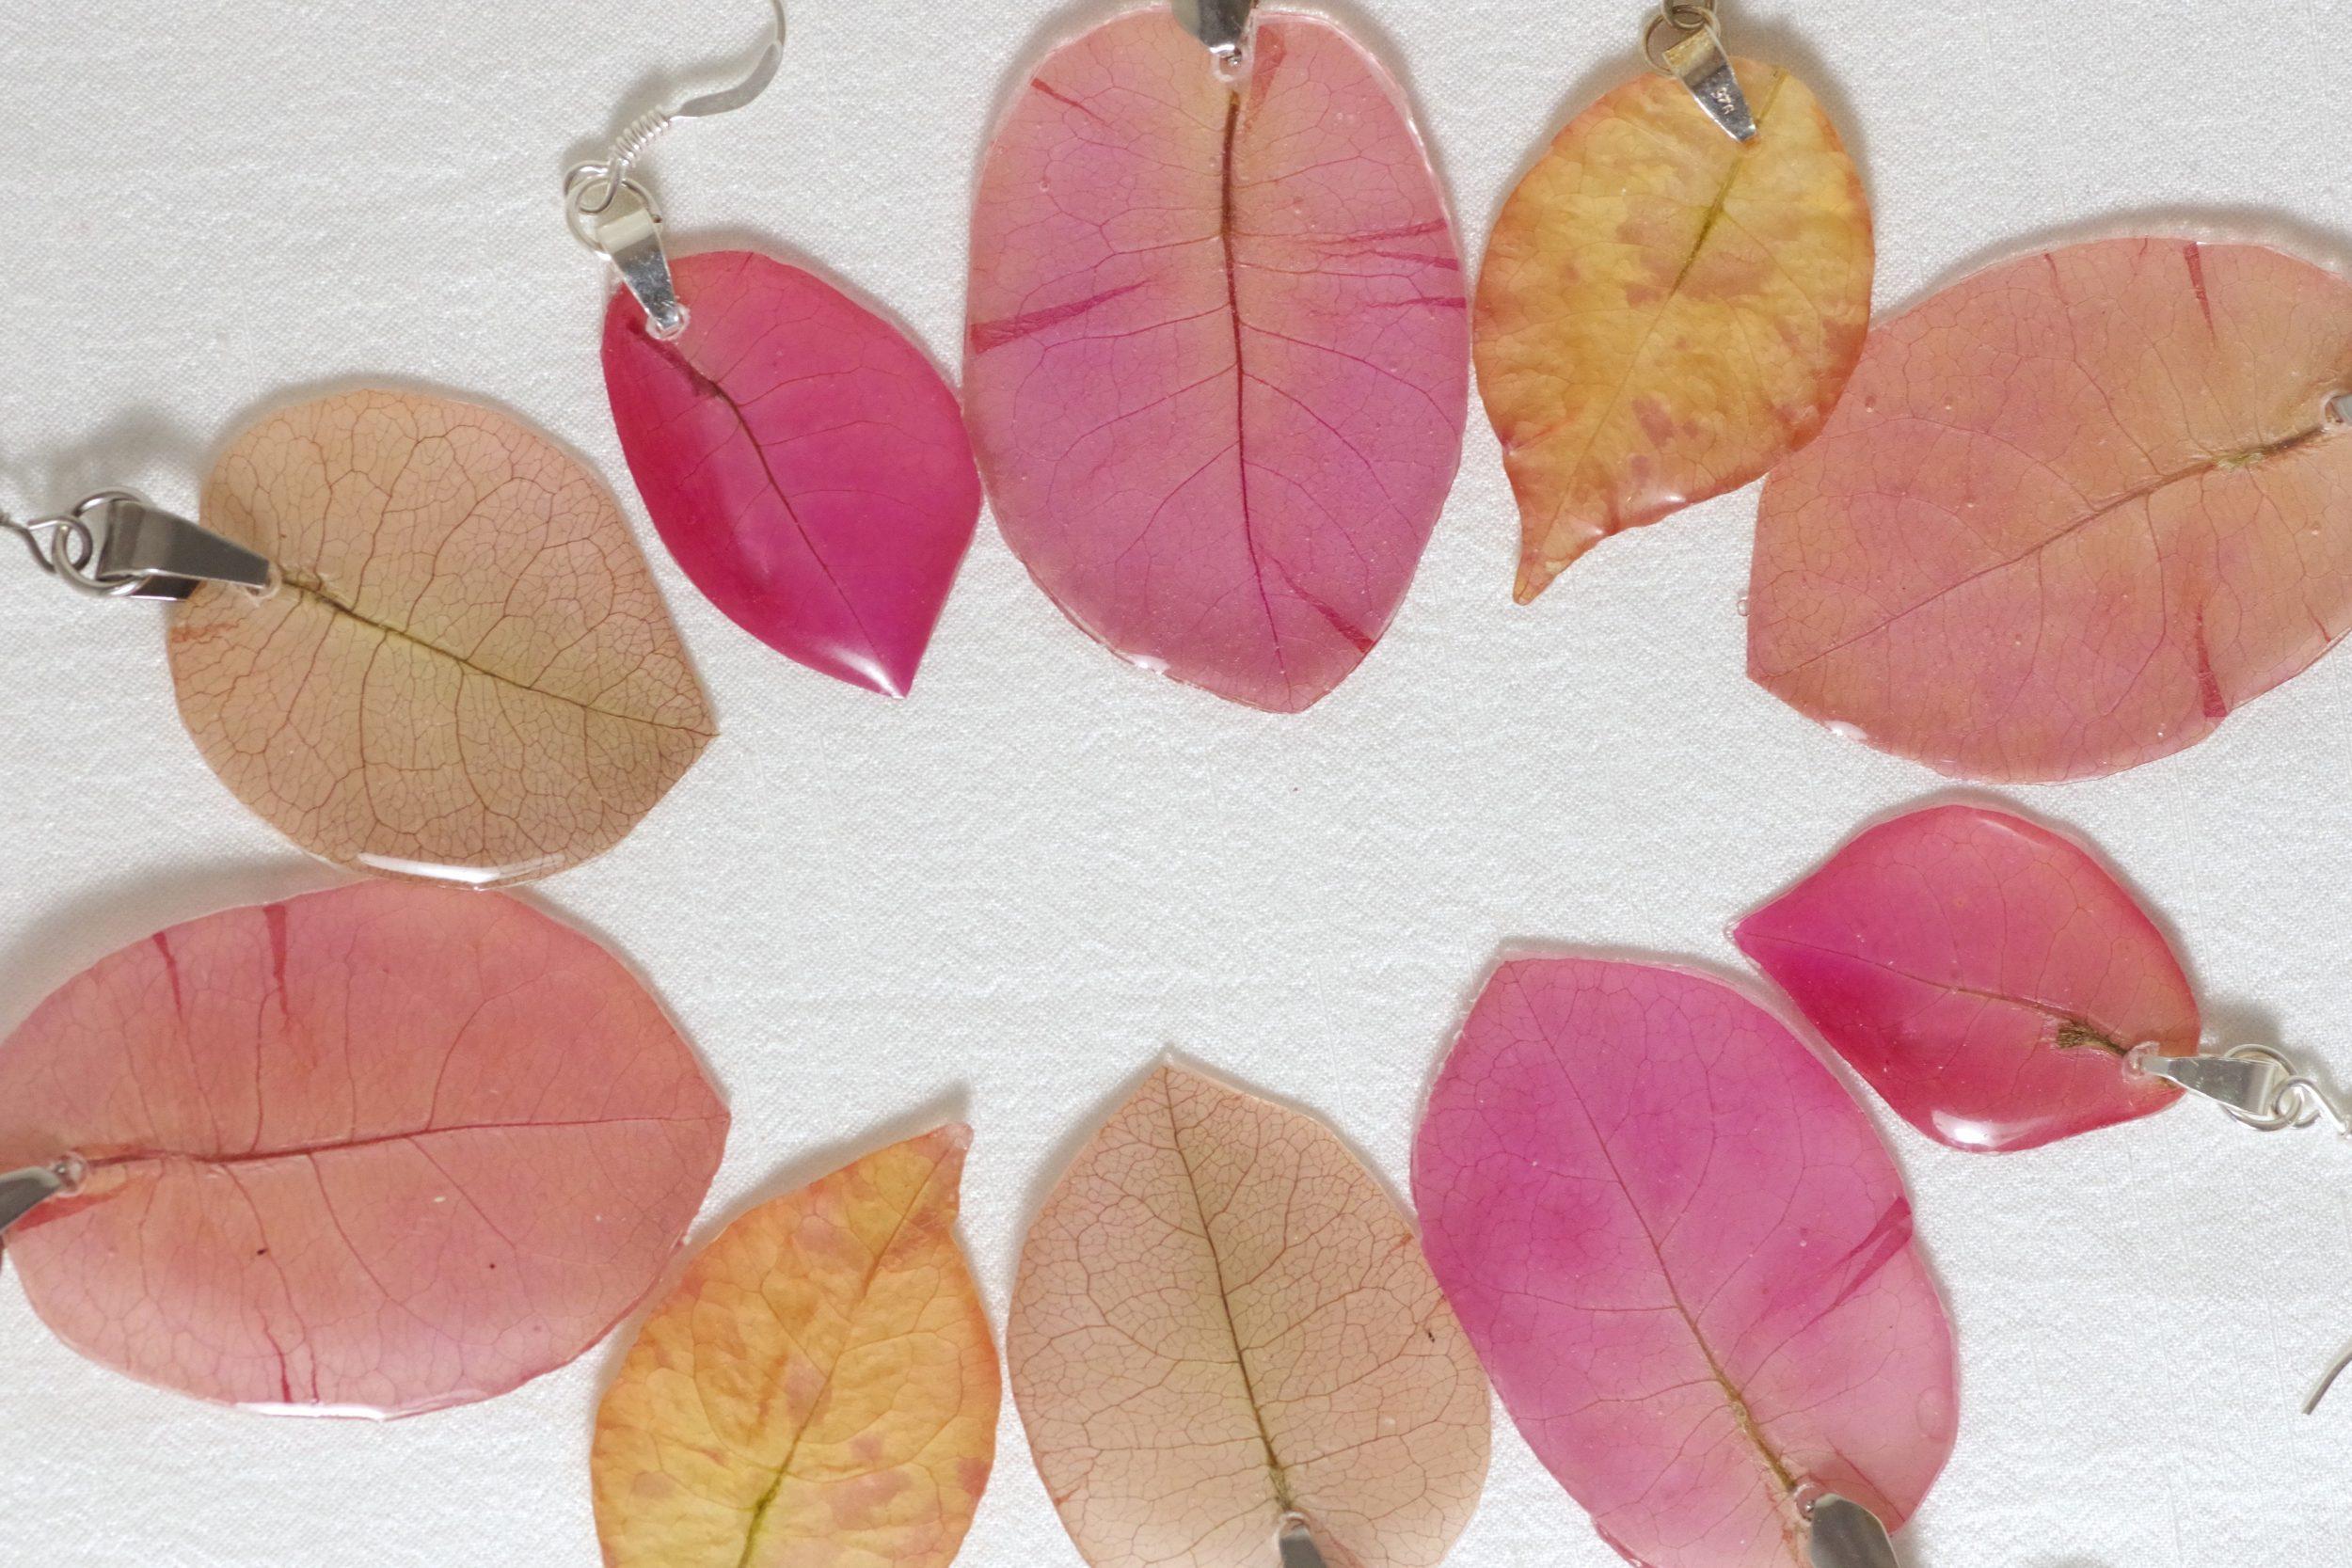 boucles d'oreilles avec des pétales de bougainvillier de tailles et couleurs variées à dominante rose